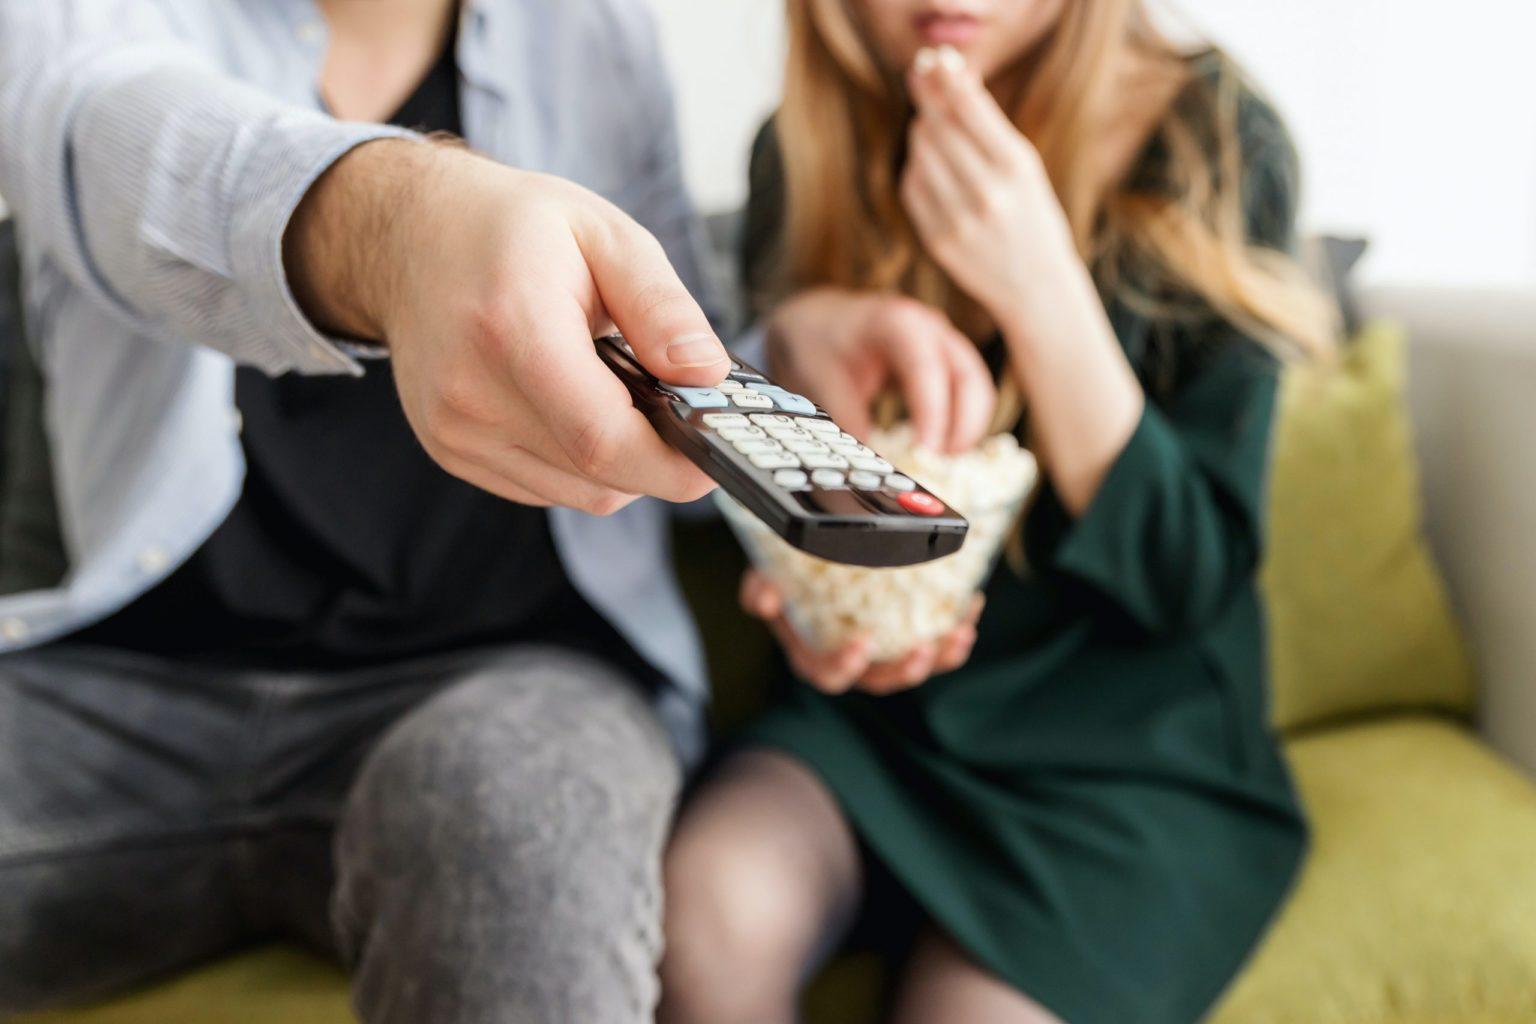 Что посмотреть? Лучшие сериалы Netflix 2020 года